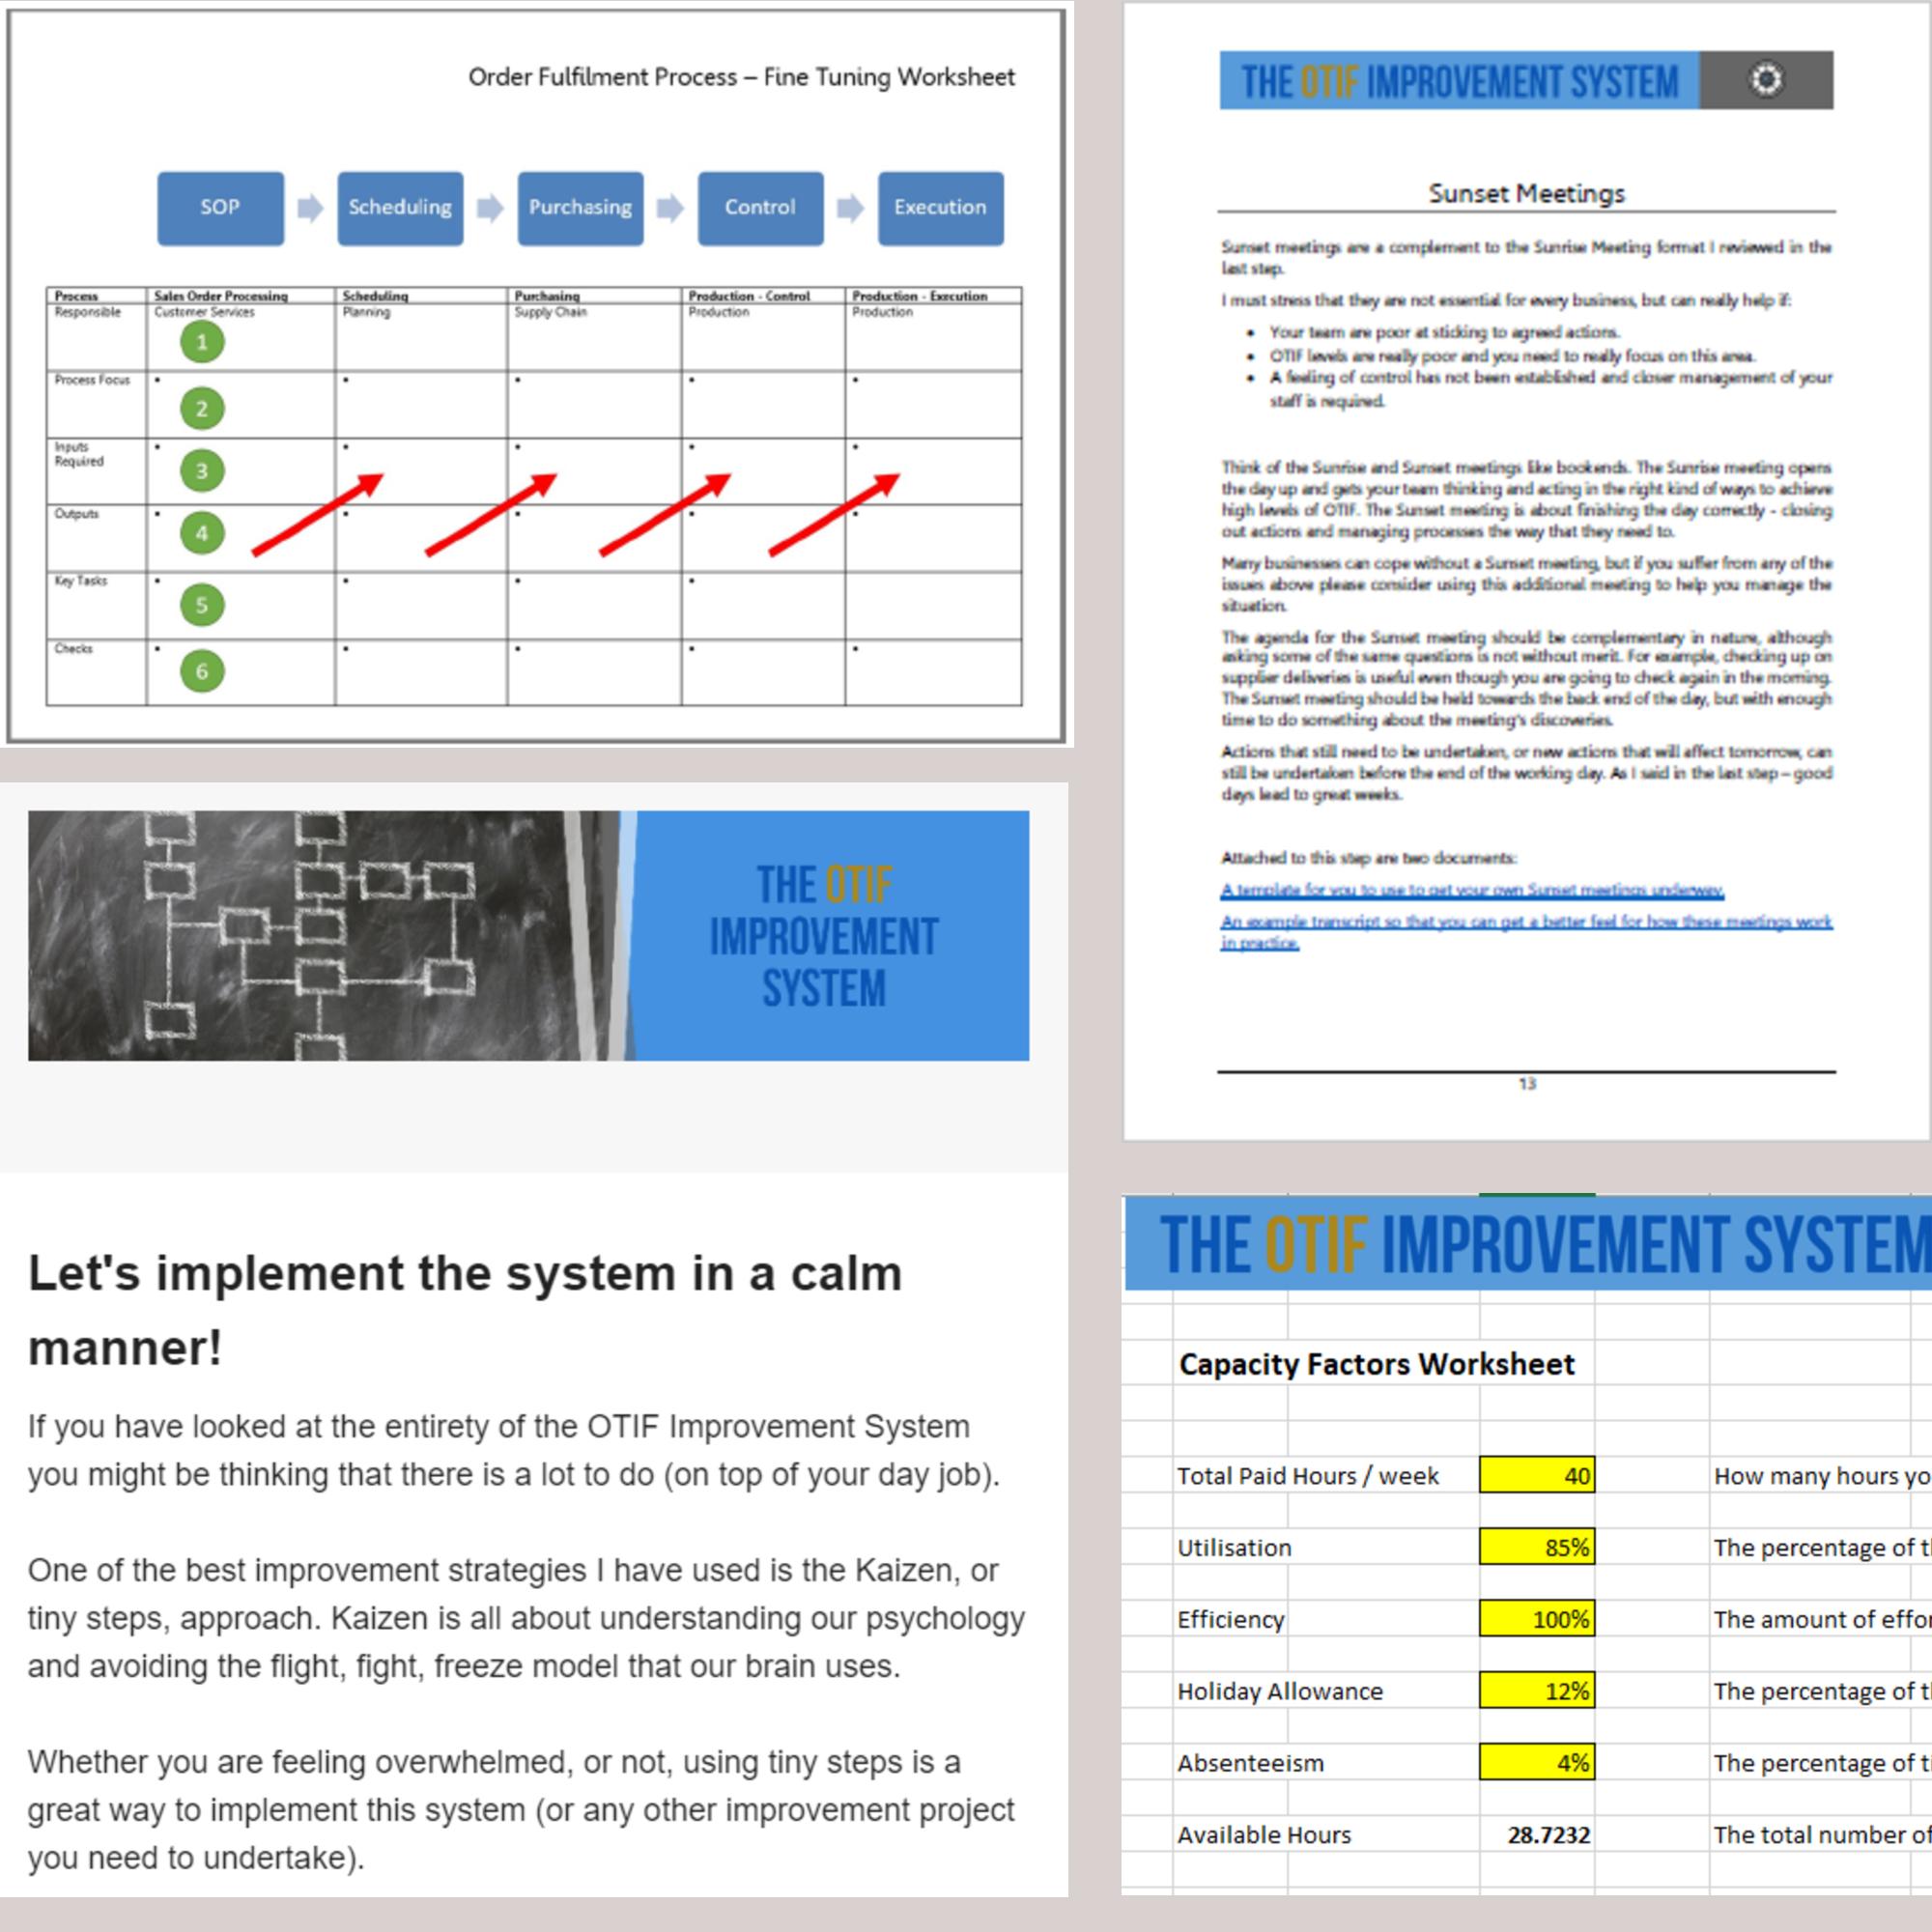 OTIF Improvement System contents